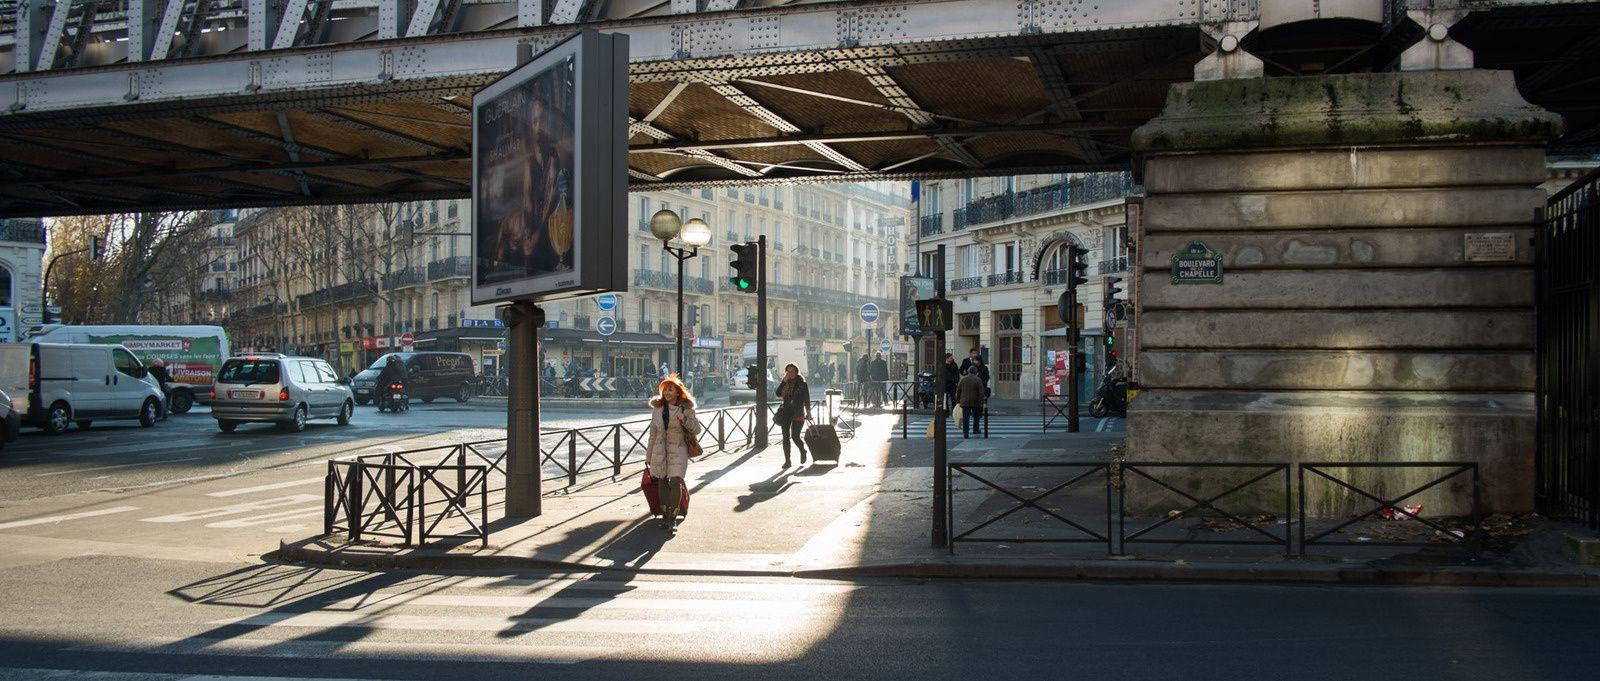 Une promenade urbaine sous le vidauc du métro La Chapelle ligne 2